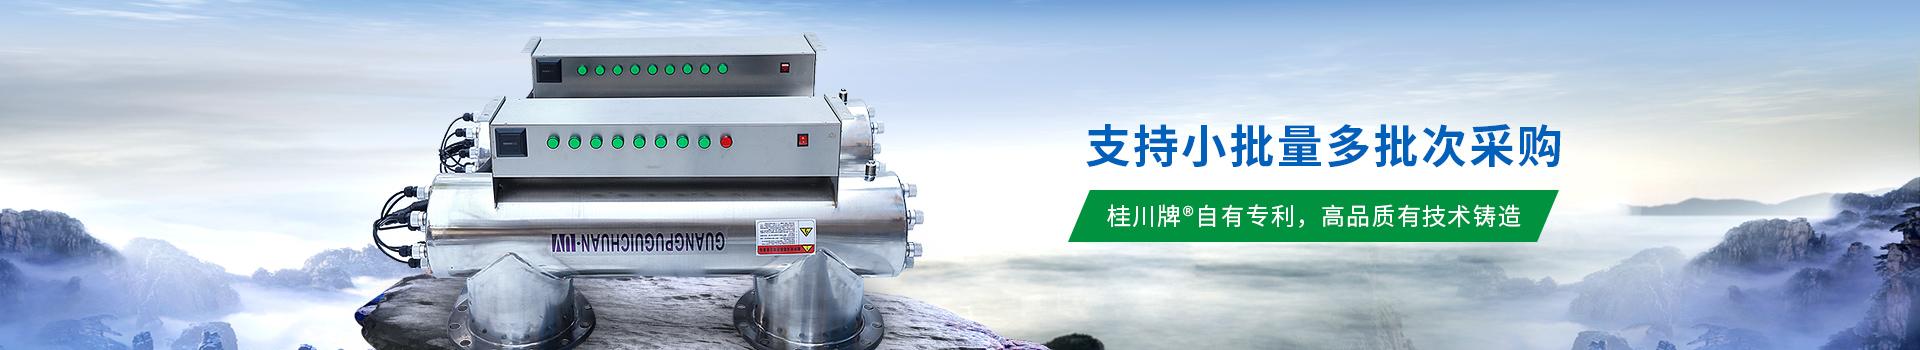 光普桂川-支持小批量多批次采购